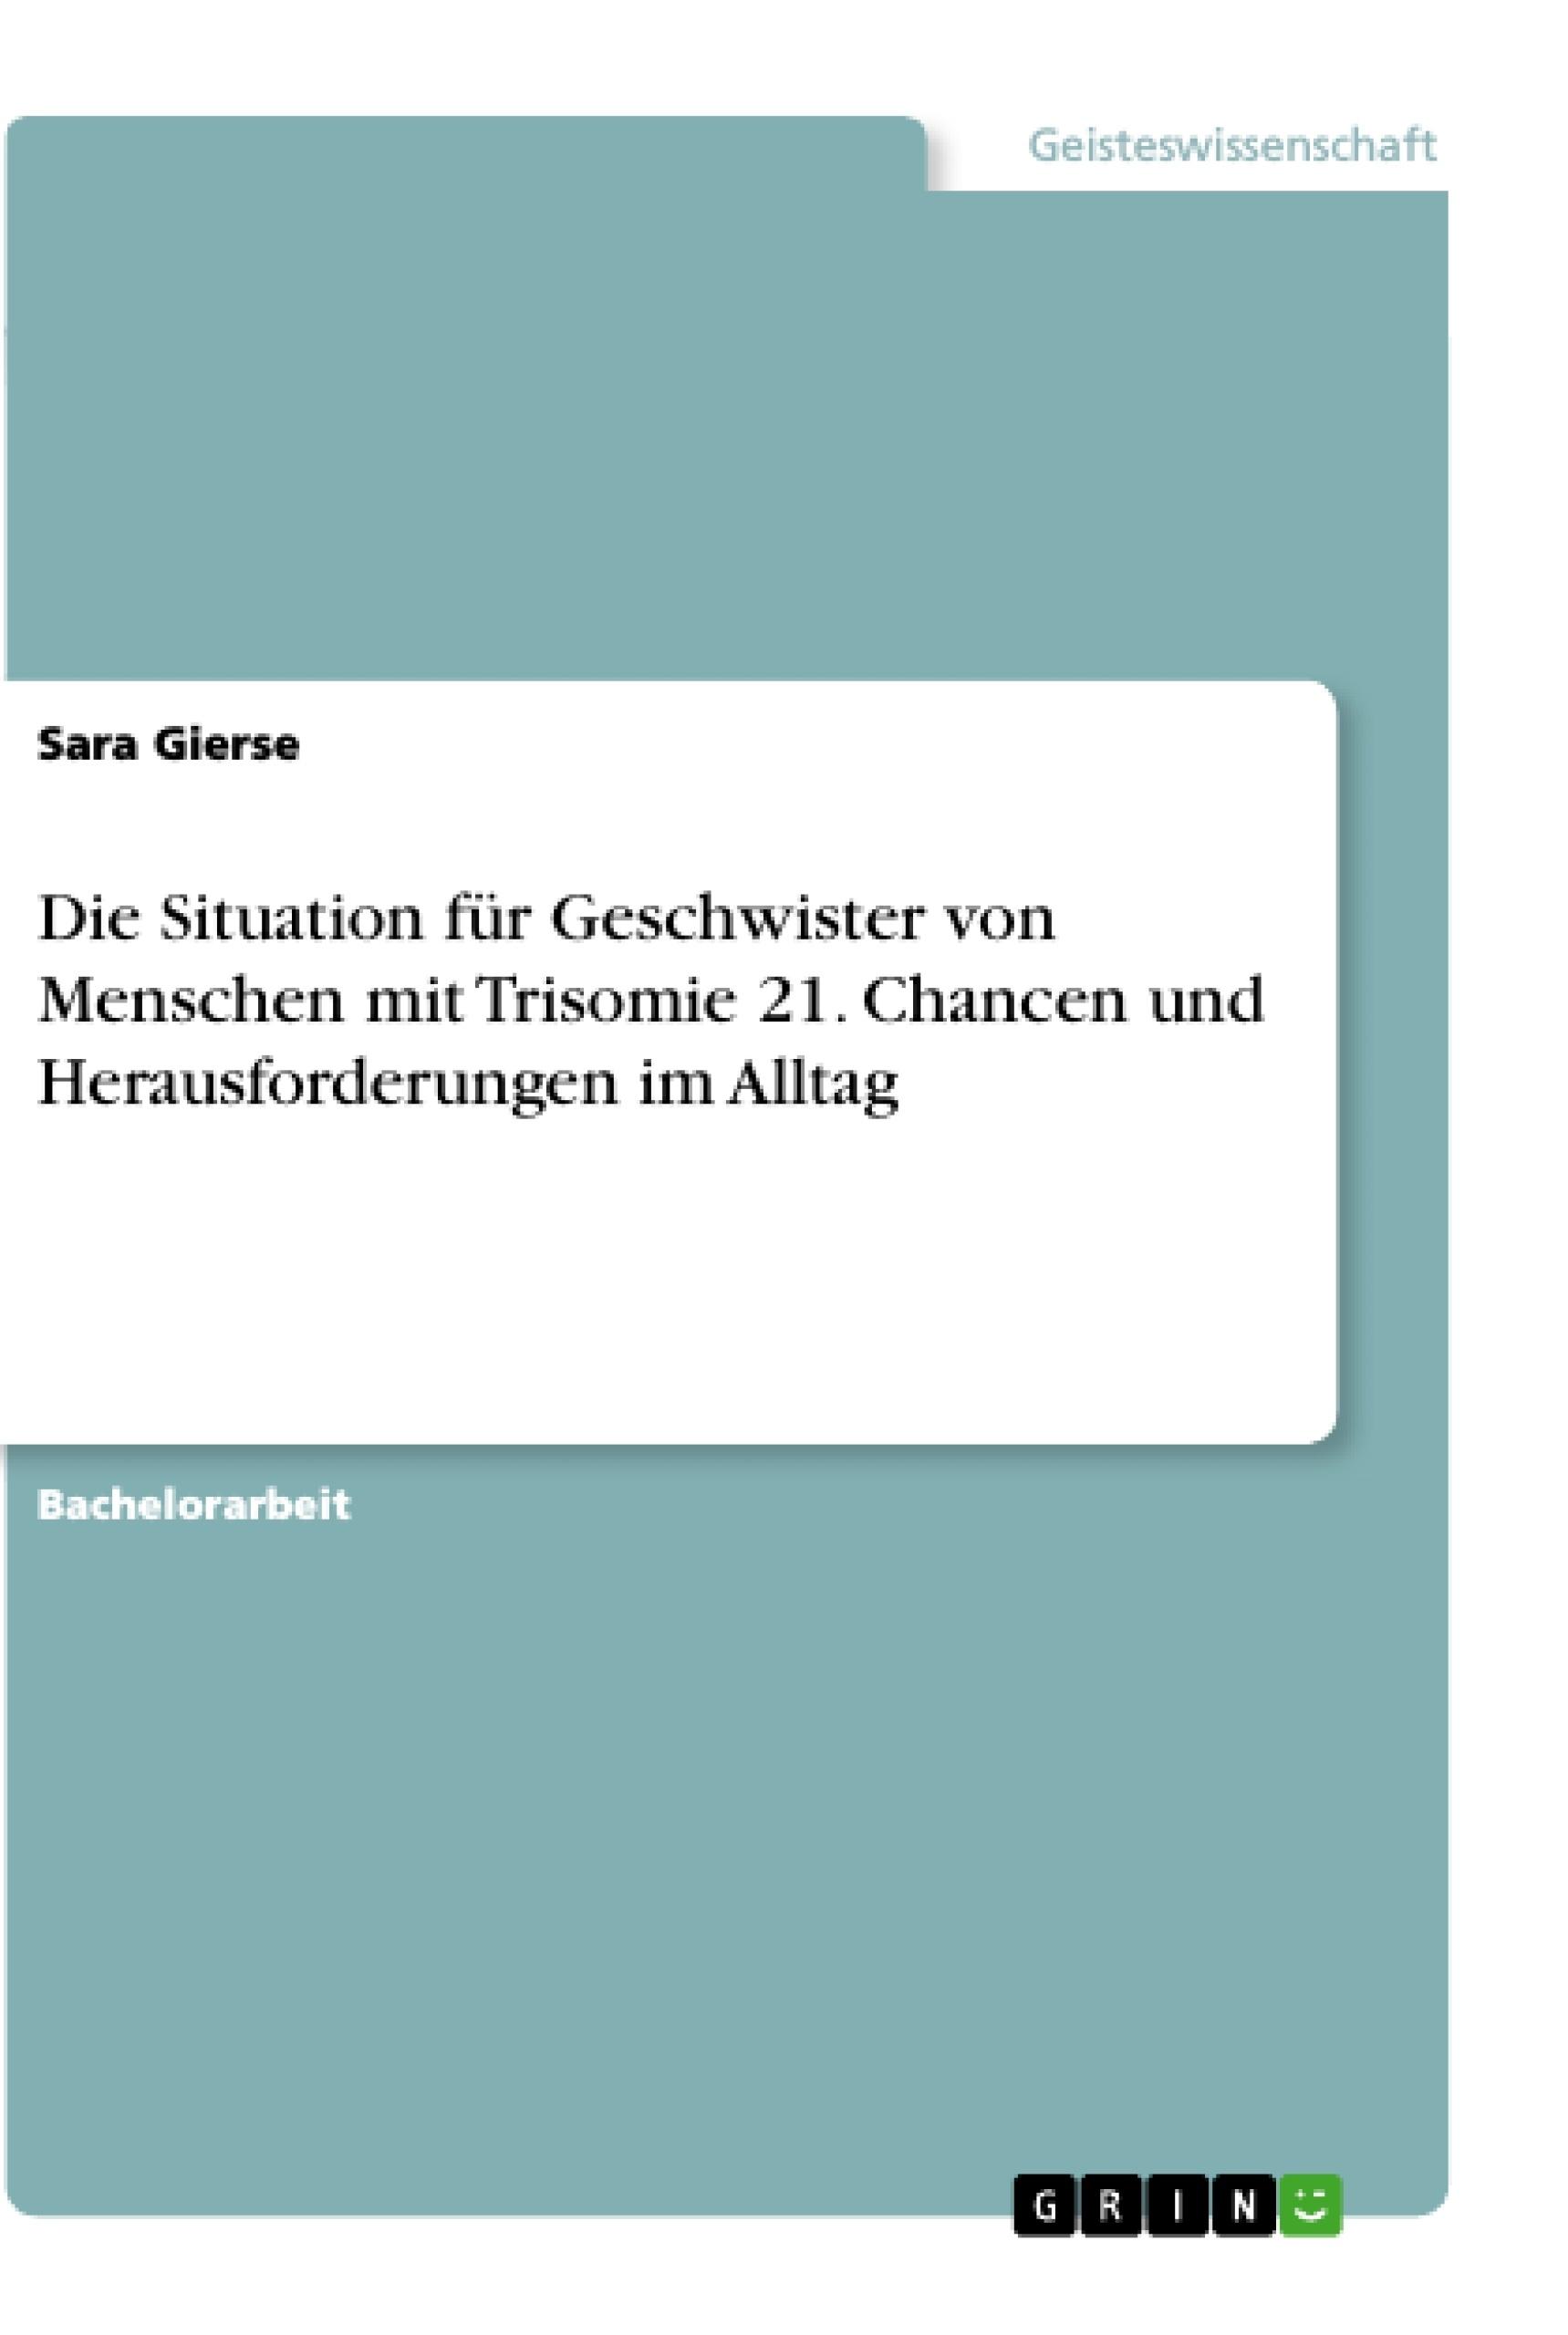 Titel: Die Situation für Geschwister von Menschen mit Trisomie 21. Chancen und Herausforderungen im Alltag